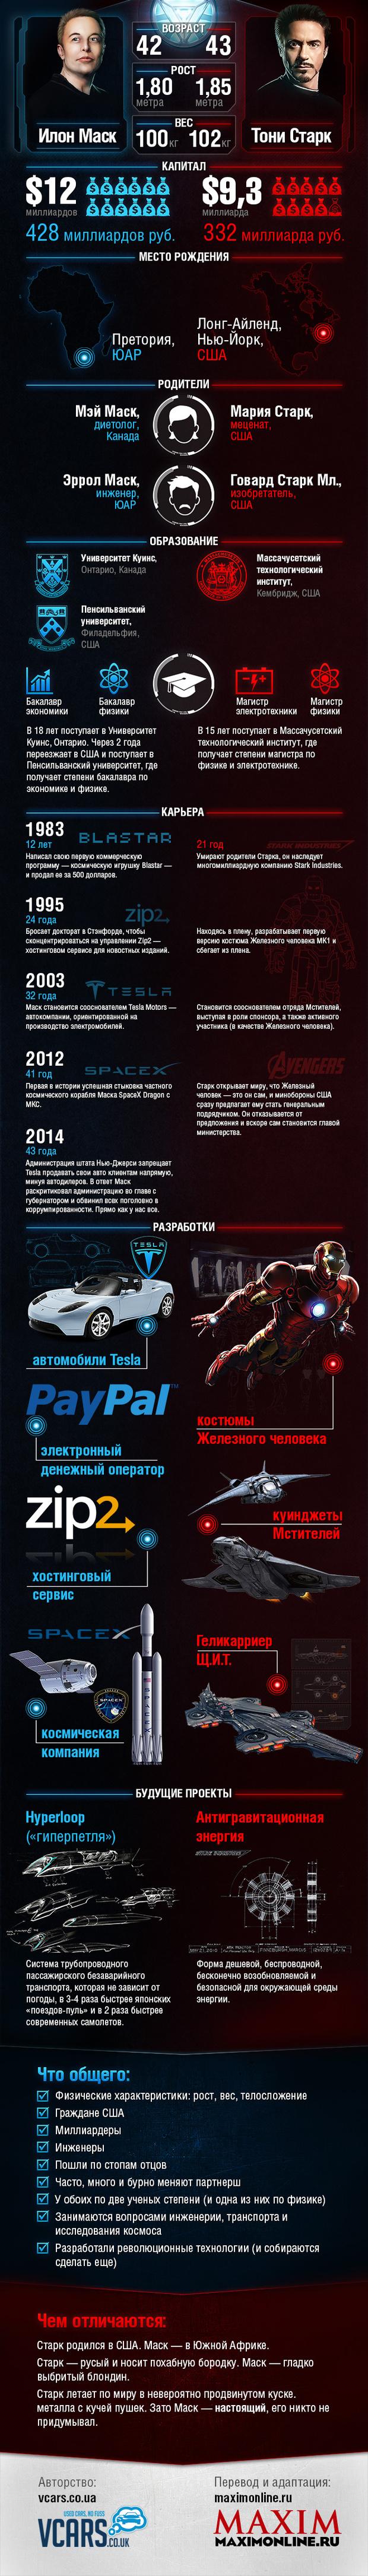 Фото №1 - Инфографика: «Кто круче: Железный человек или его прототип — Илон Маск?»